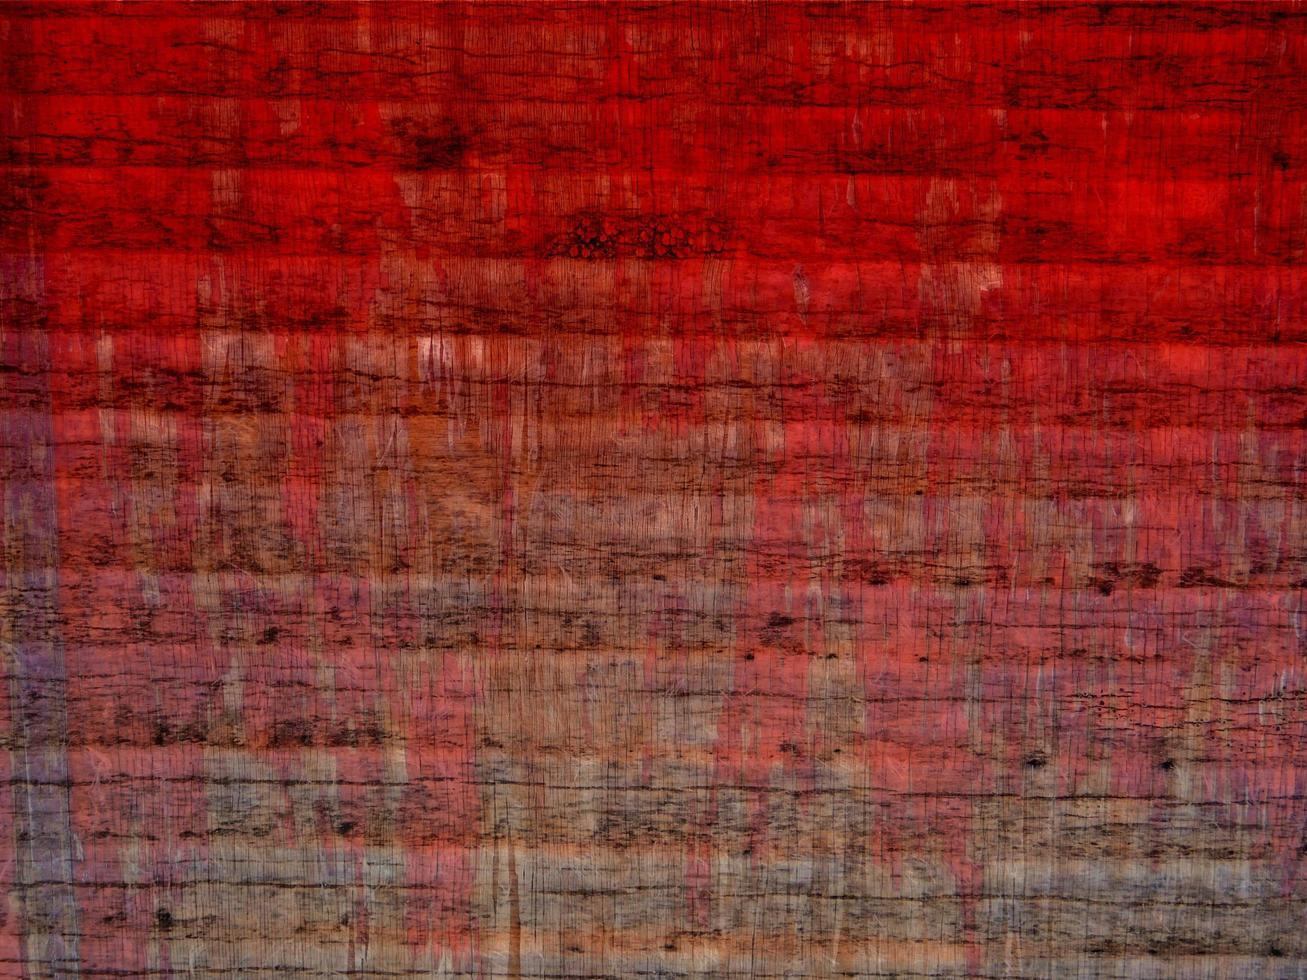 textura de madera colorida foto